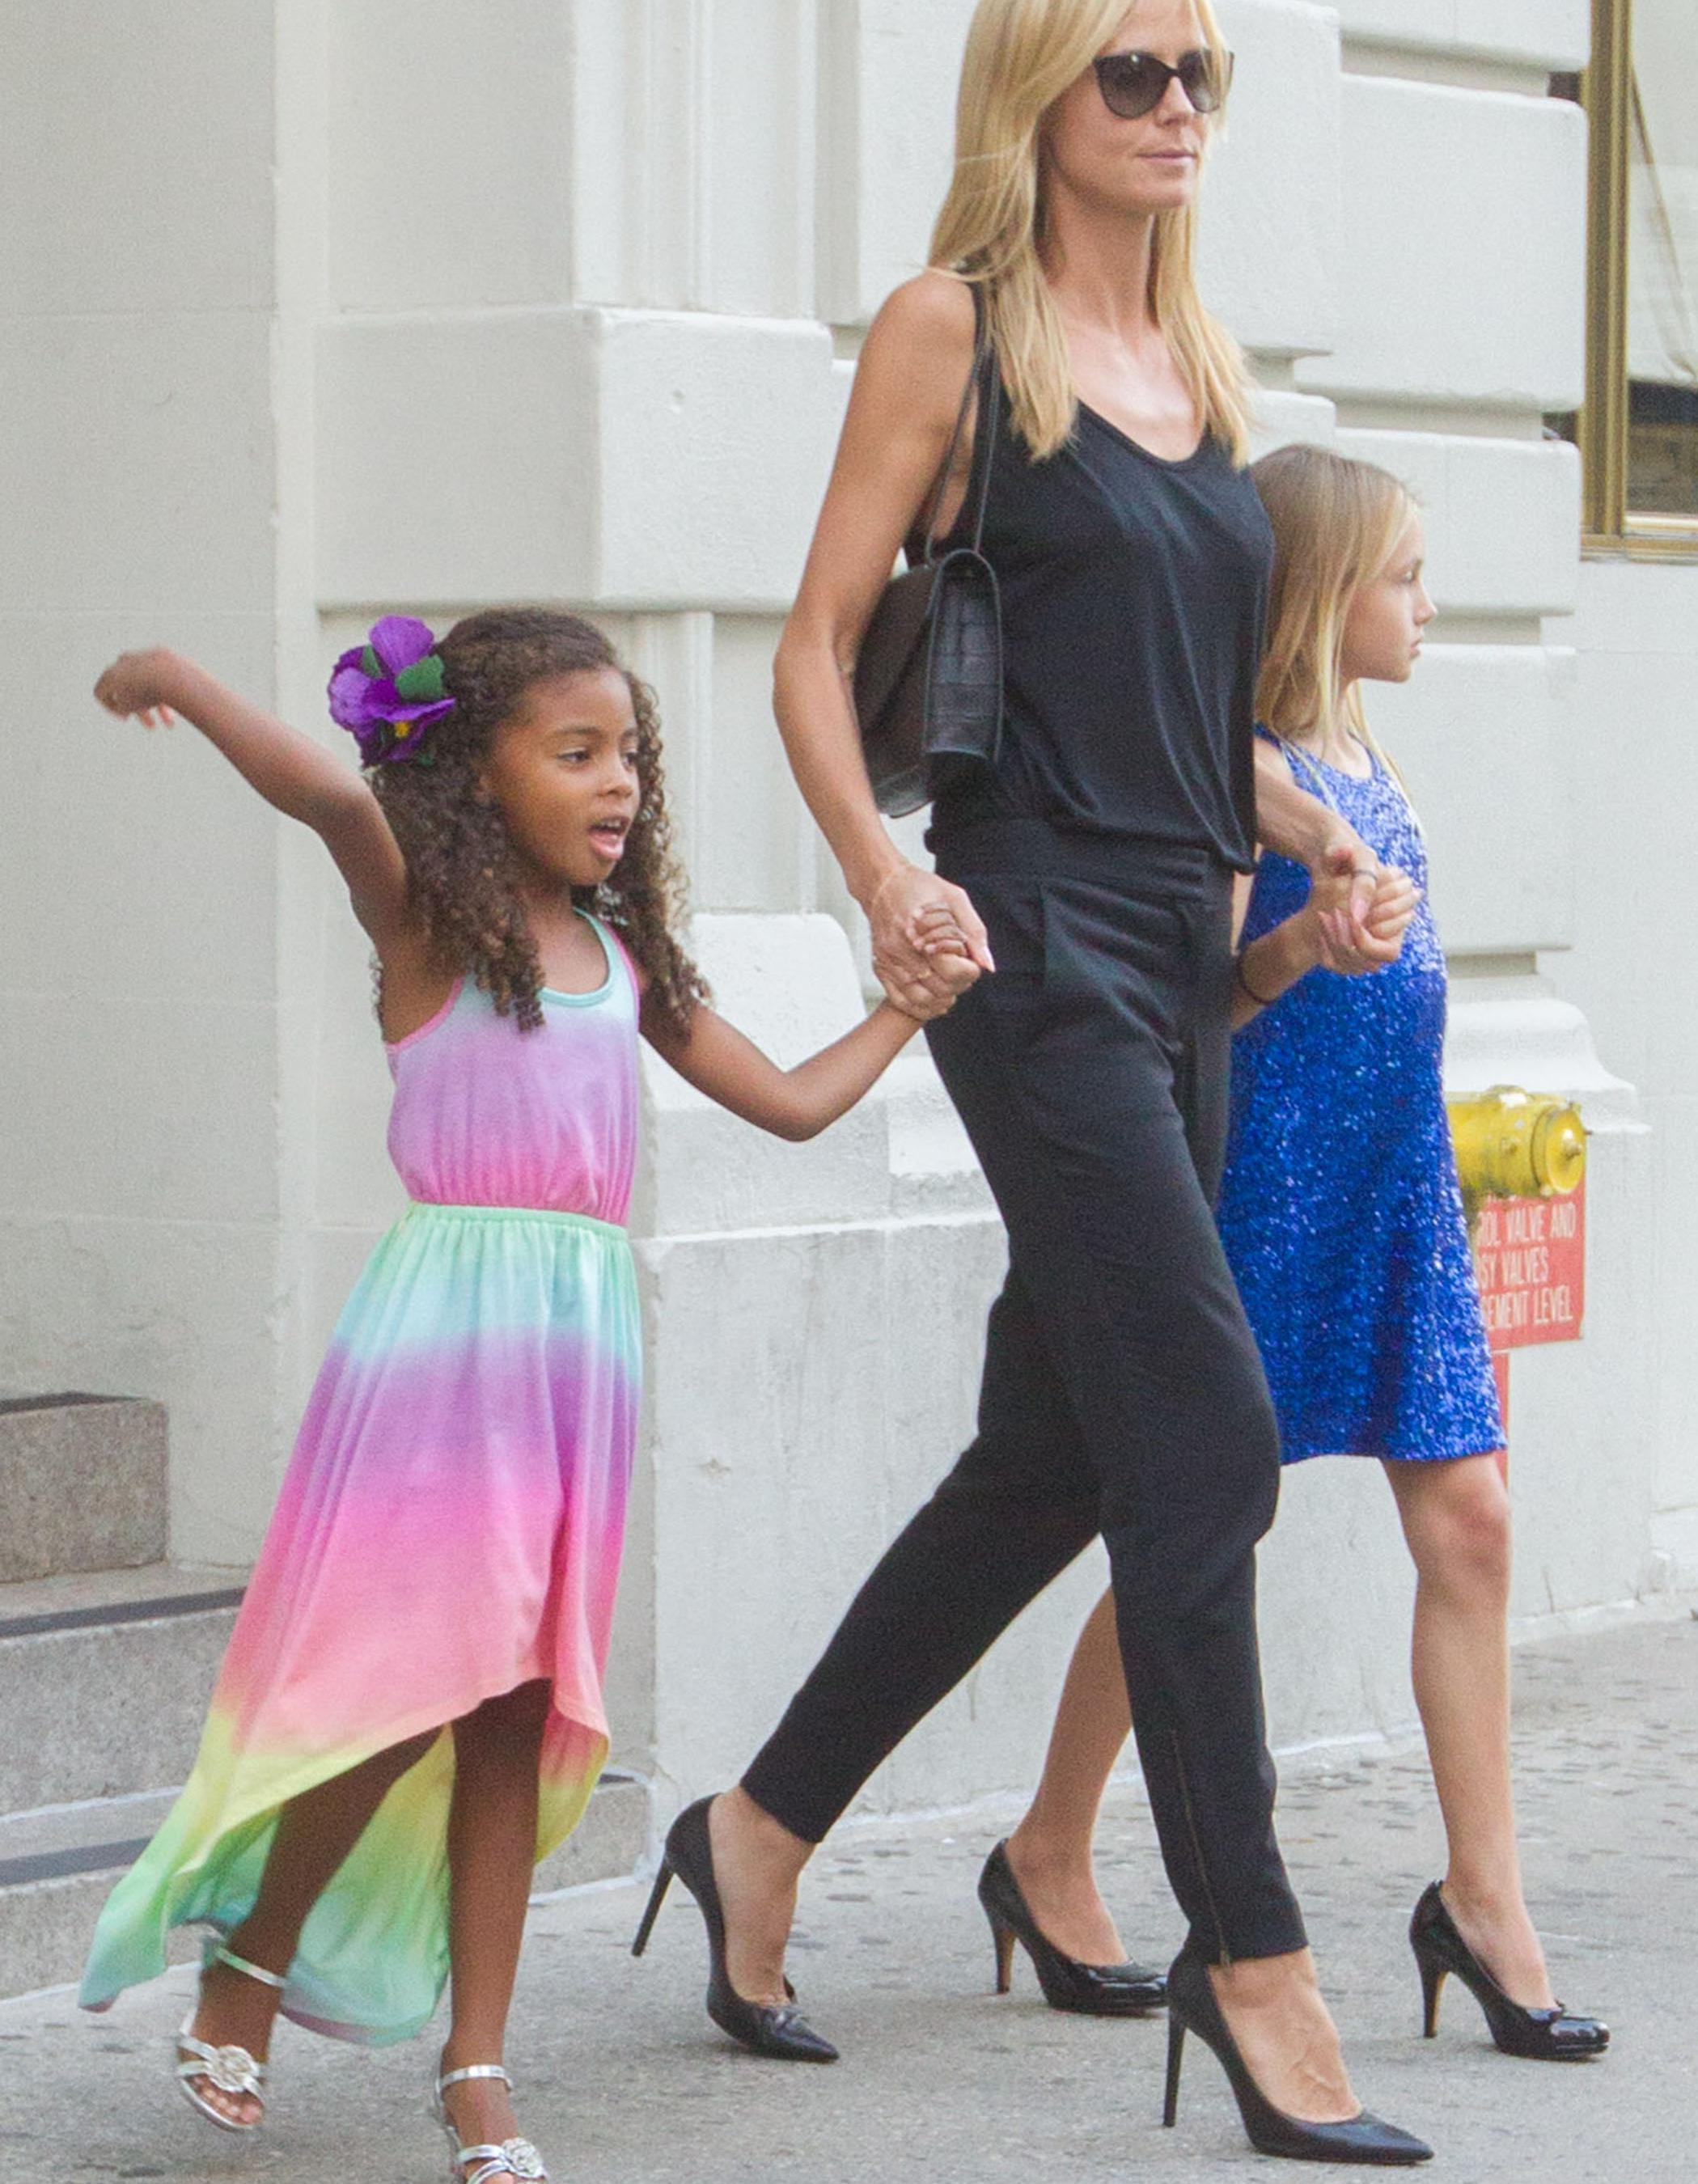 innovative design uk store on feet images of Heidi Klum : ses filles portent des talons à 10 et 4 ans - Elle